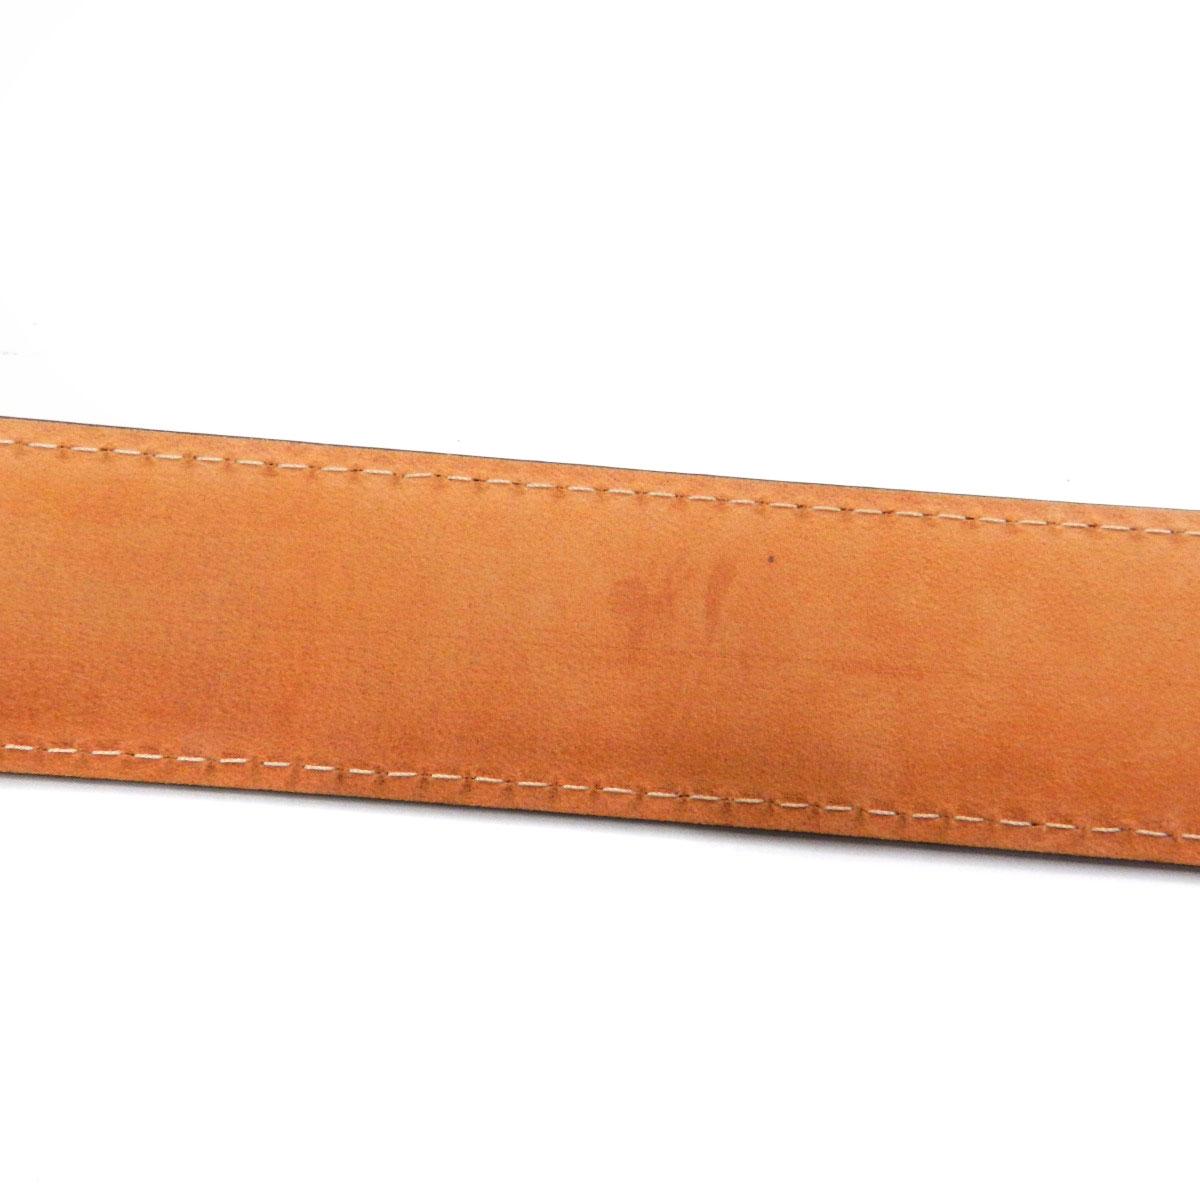 LOUIS VUITTON太阳邱尔椭圆M6919皮带交织字母帆布人